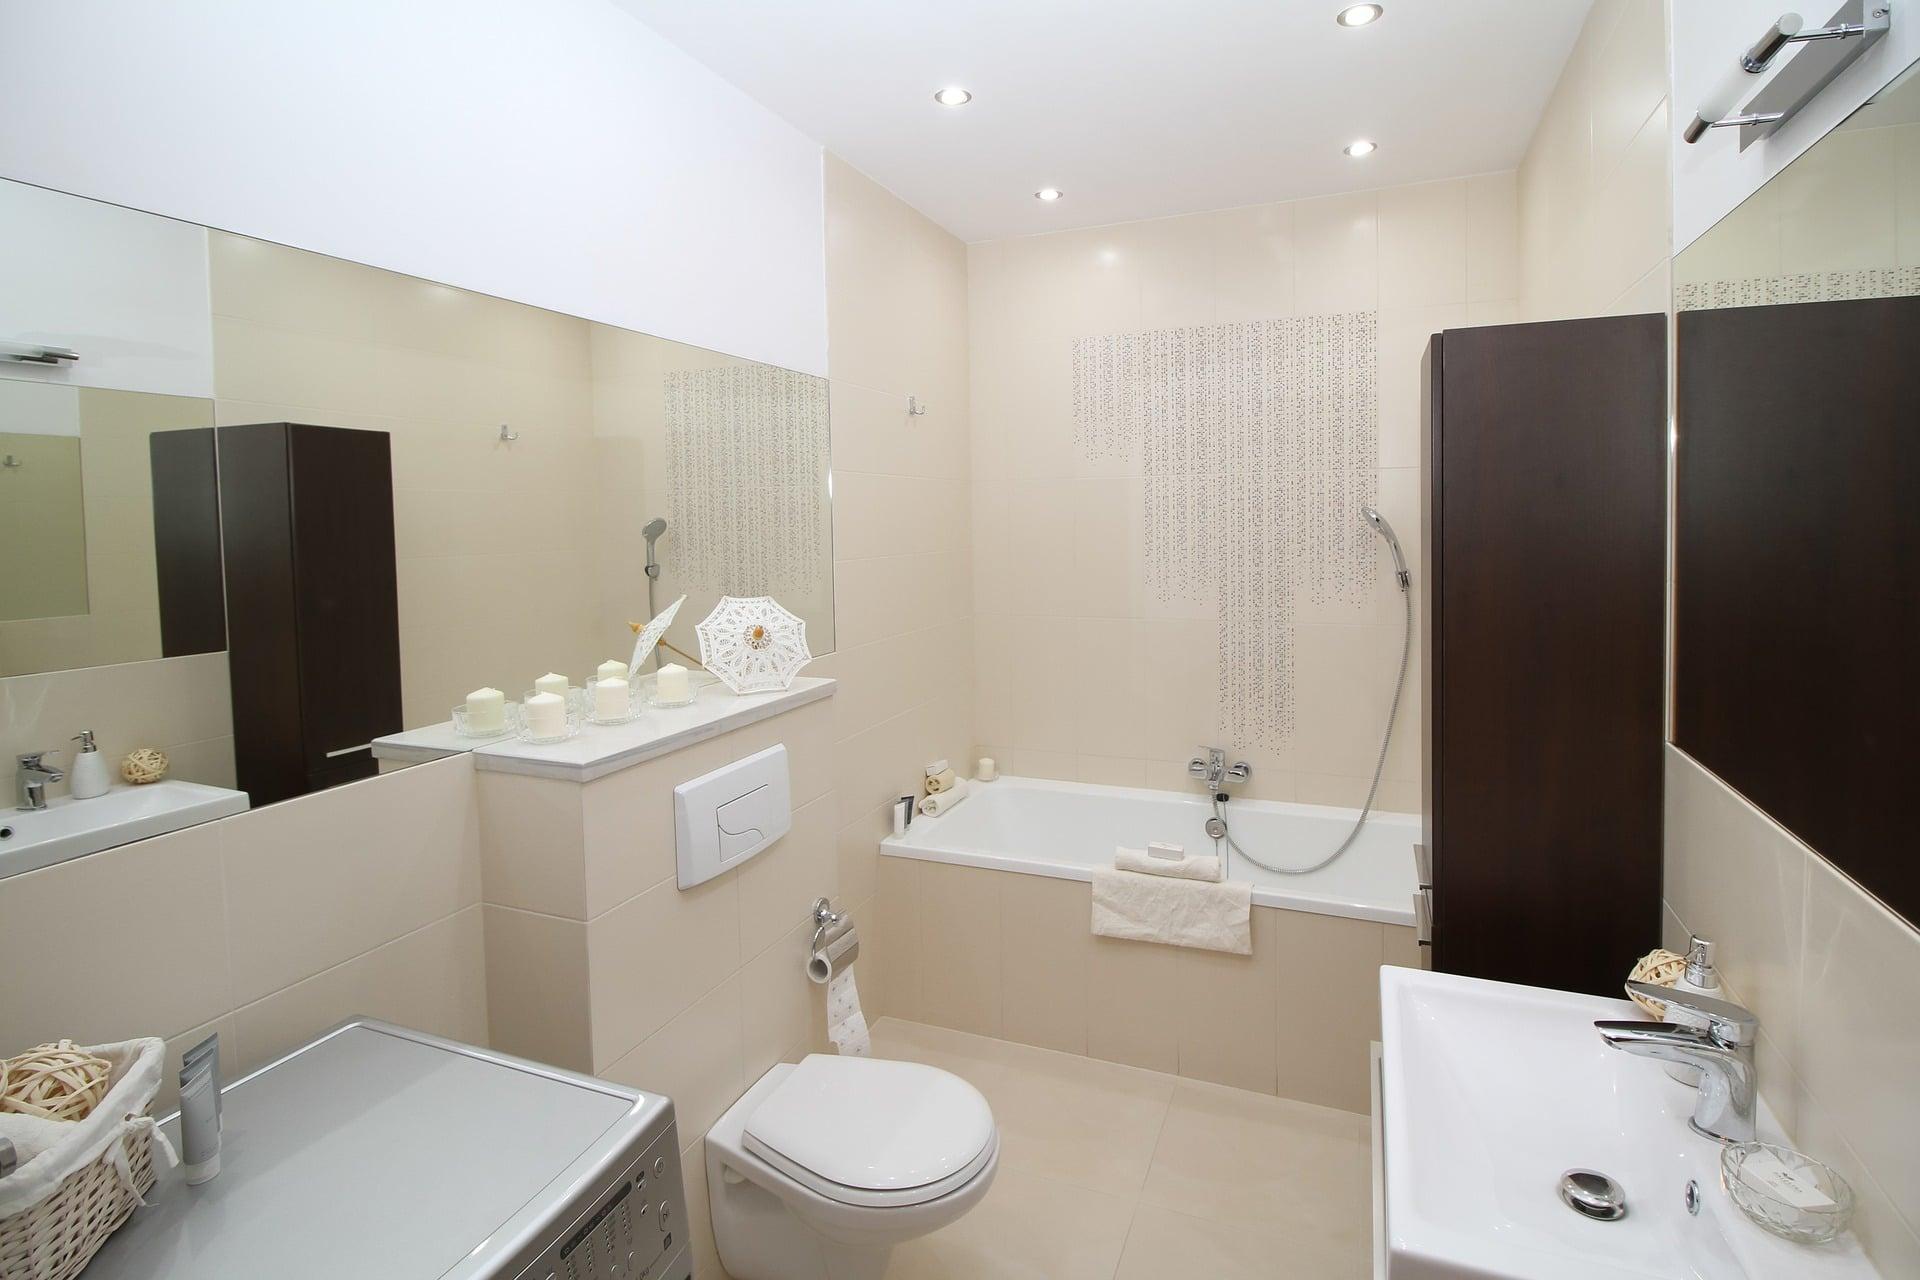 Dusch Wc Wie Sinnvoll Ist Eine Hygienedusche Blogigo De